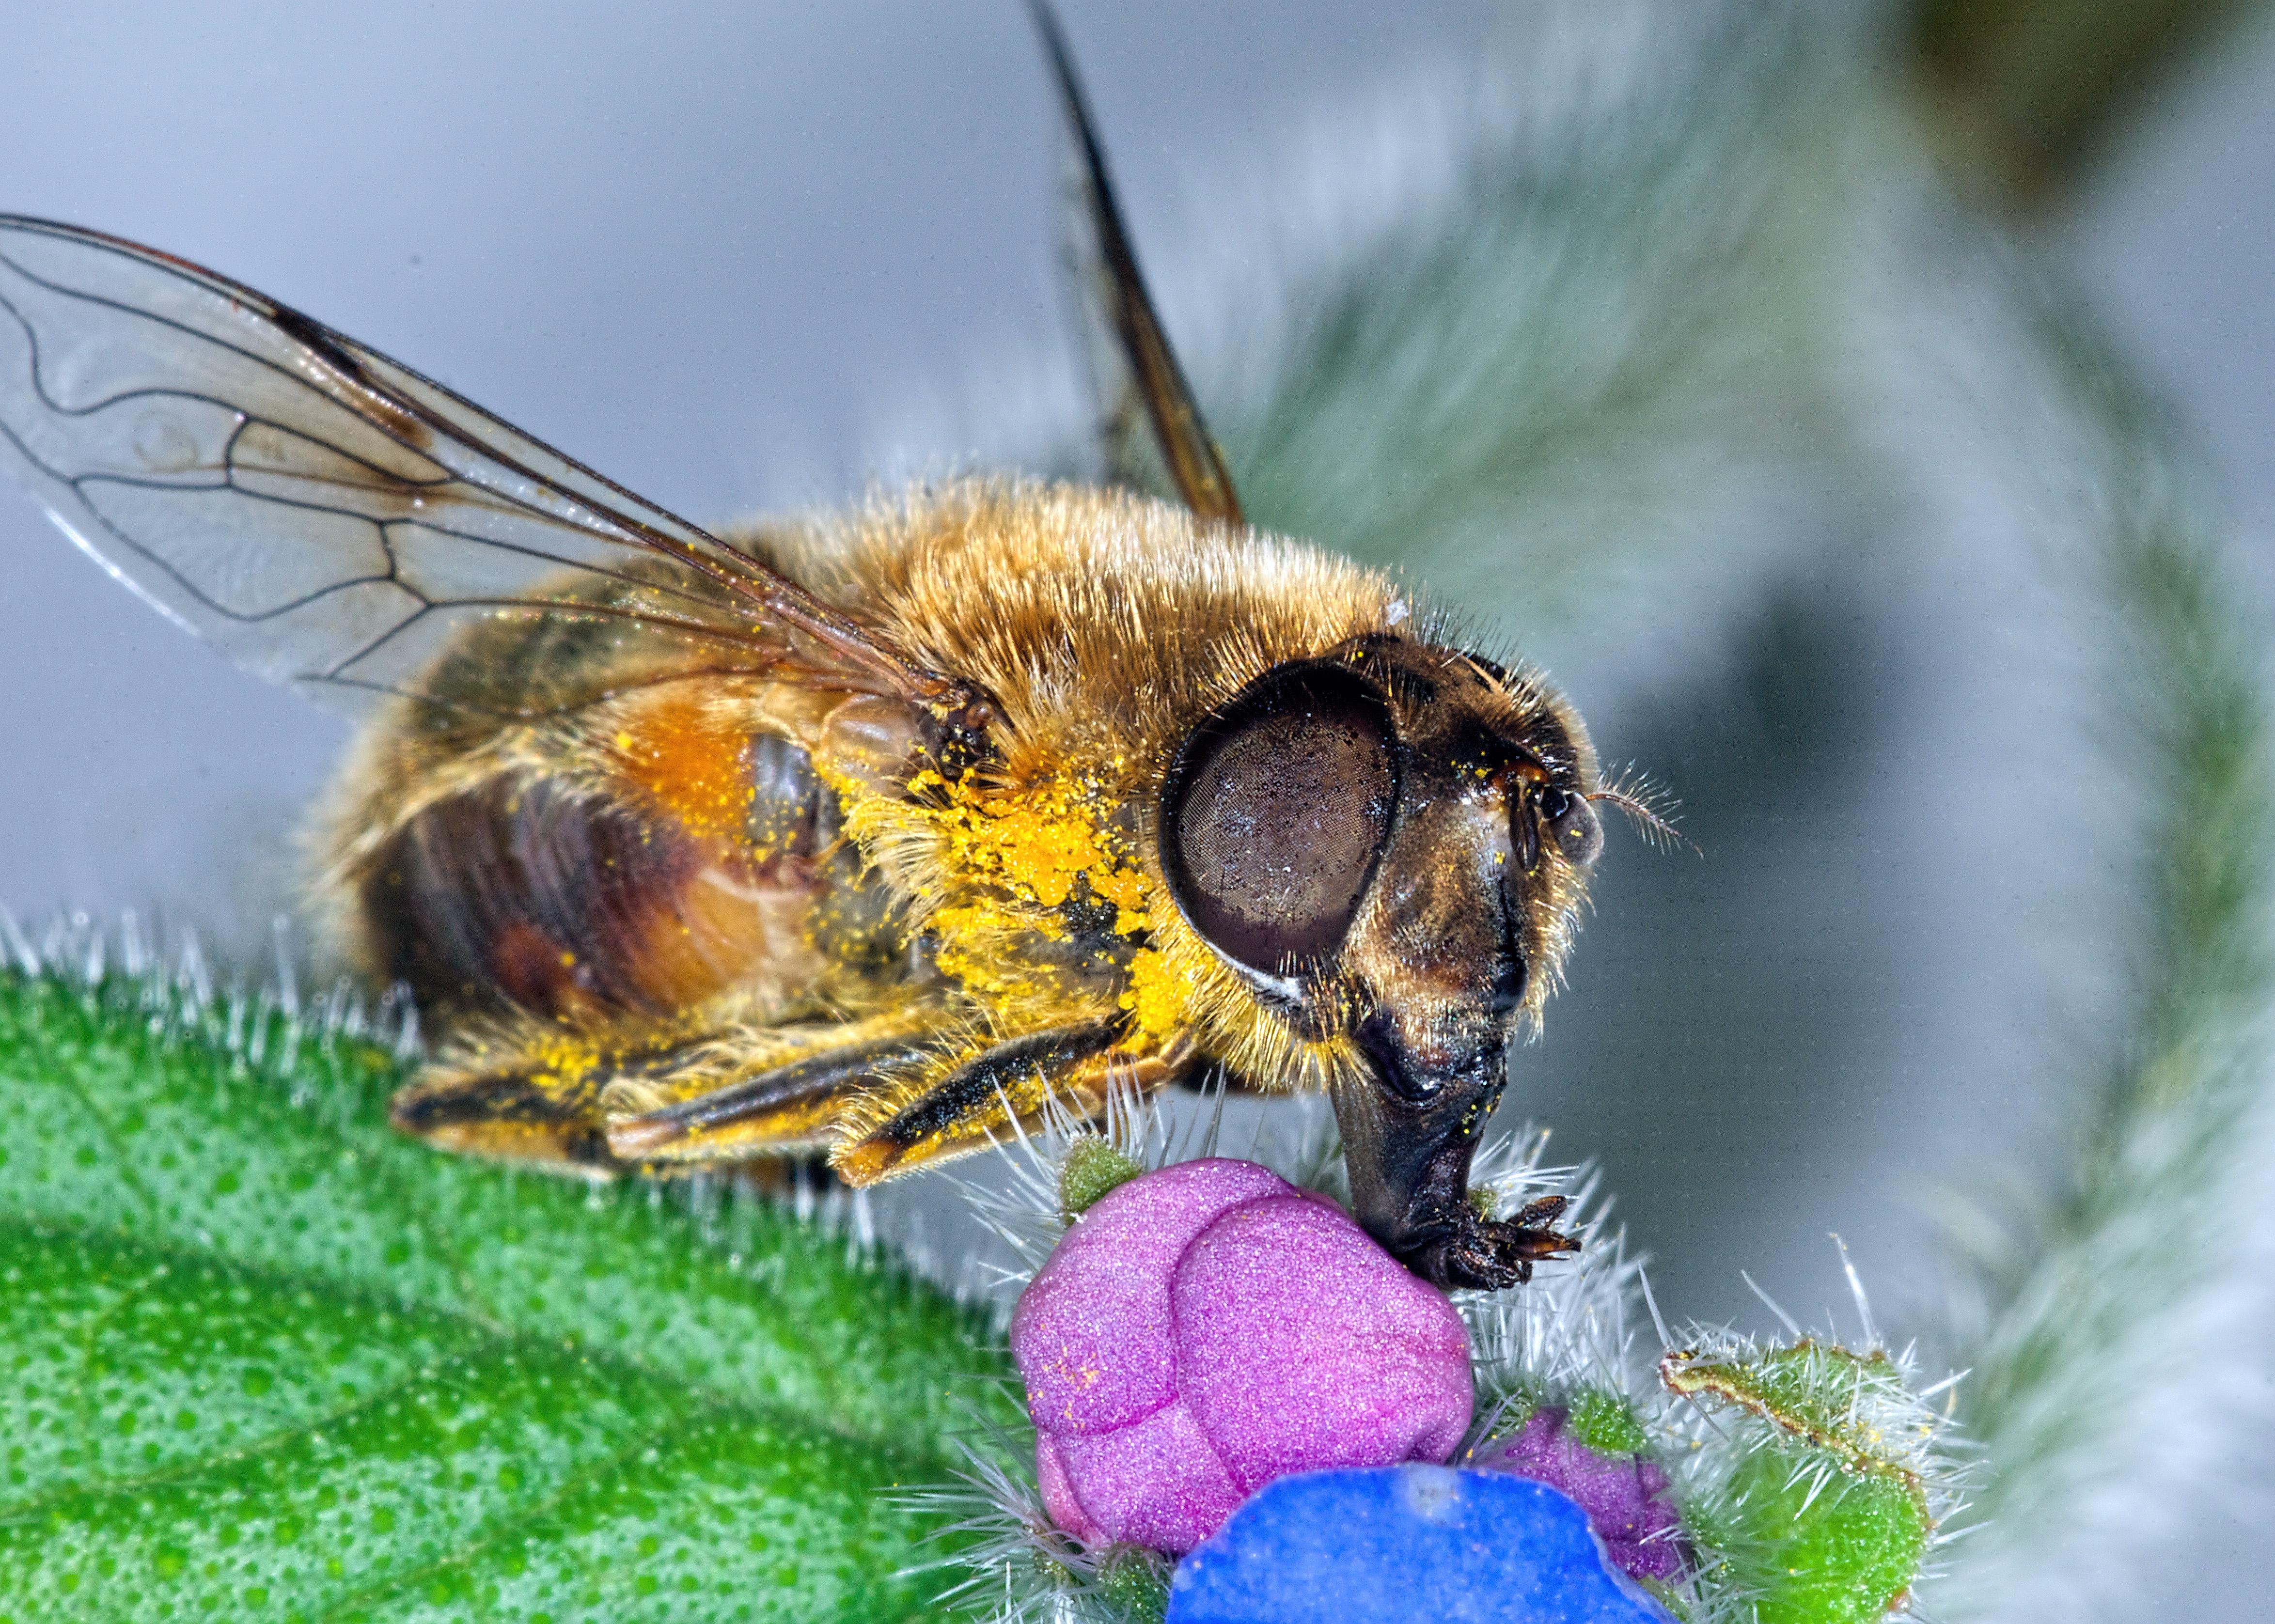 Fotos macro de abejas - 4695x3352